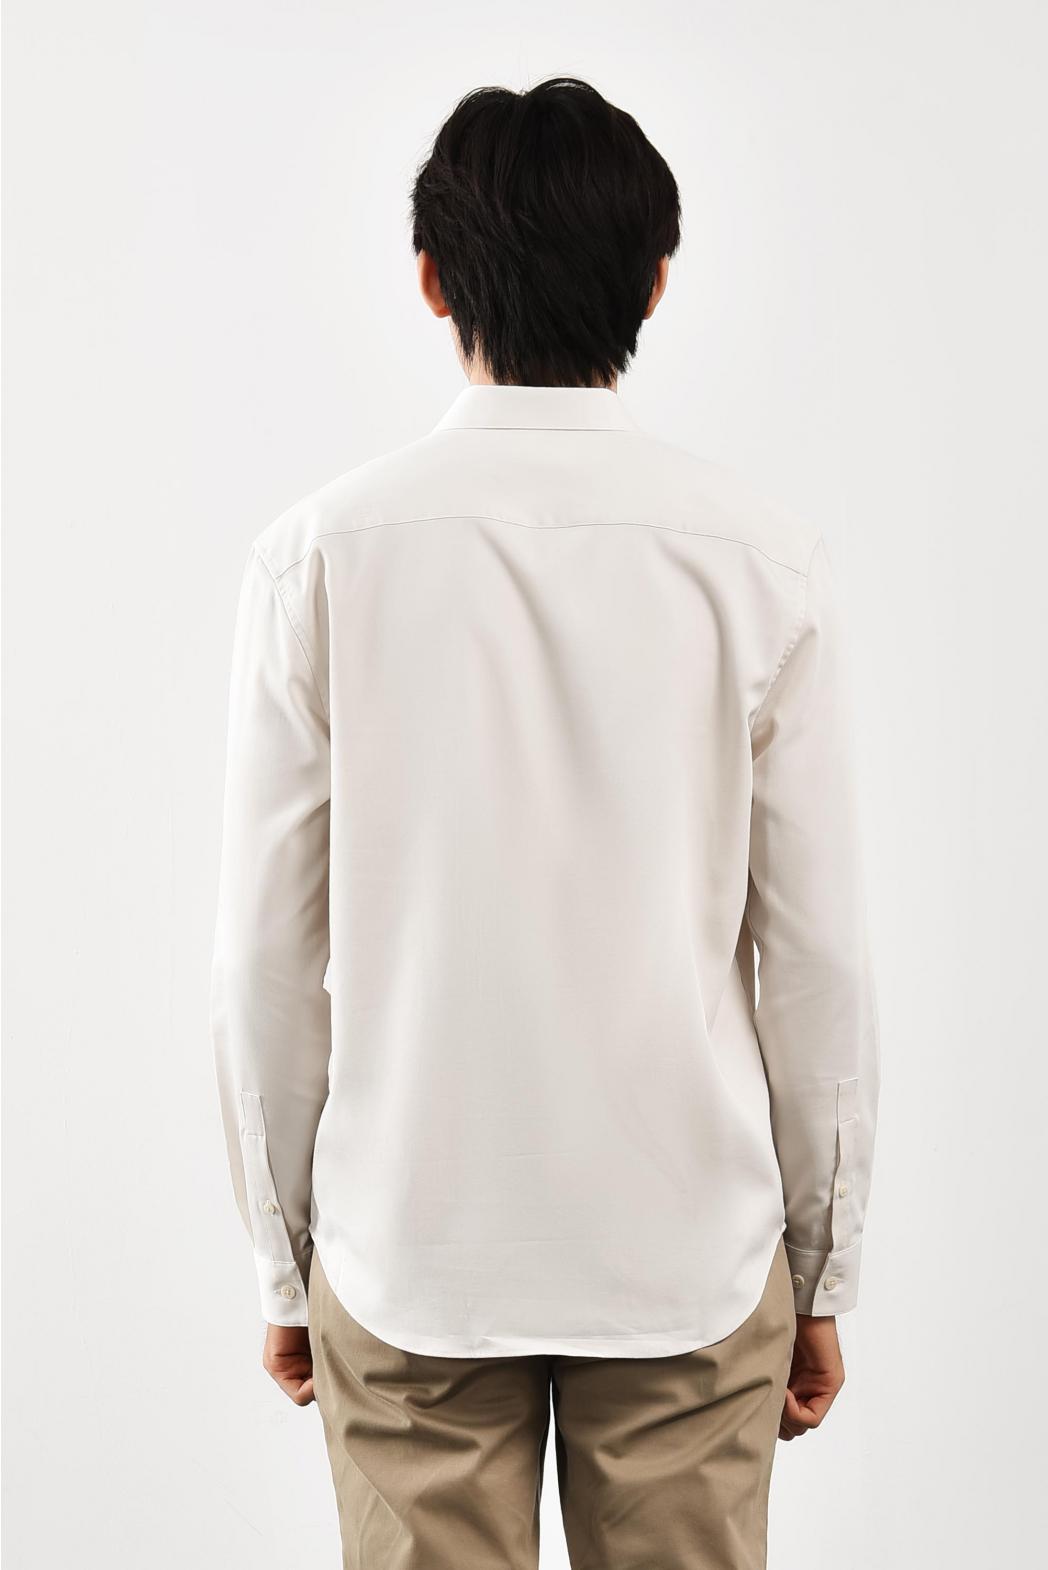 Áo sơ mi tay dài, túi trước ngực. REGULAR form - 10S21SHL008